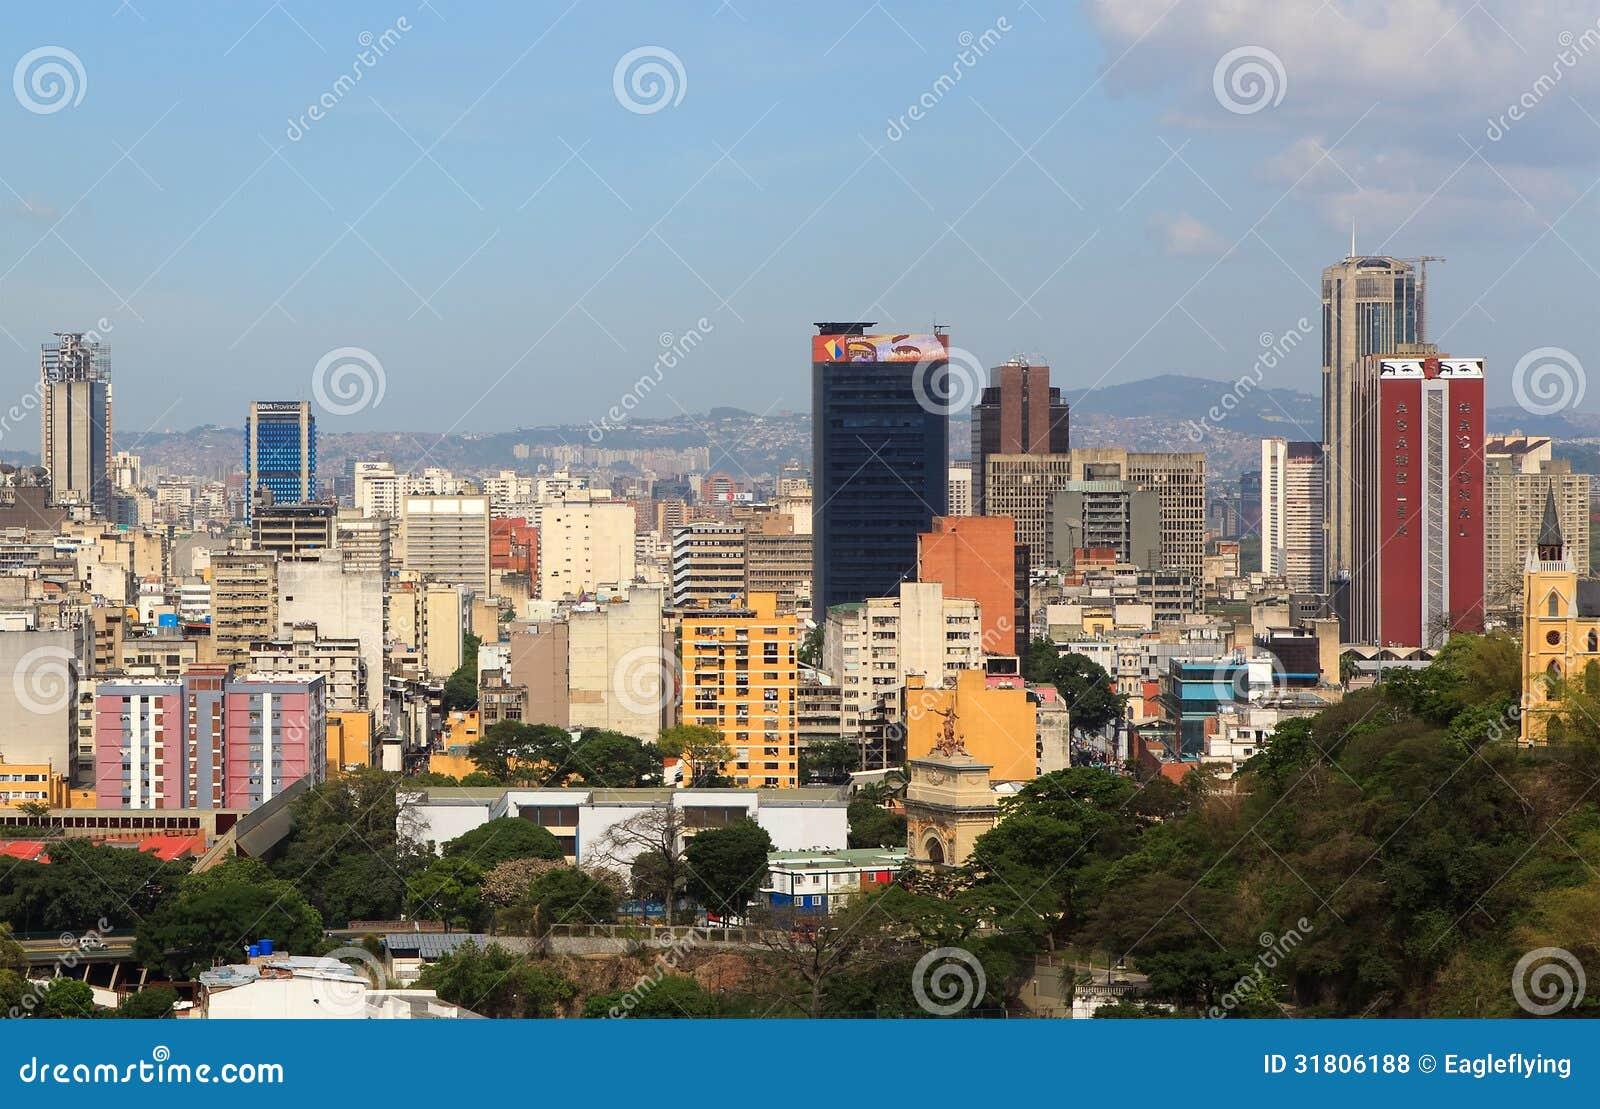 : Linia horyzontu w centrum Caracas, Wenezuela -